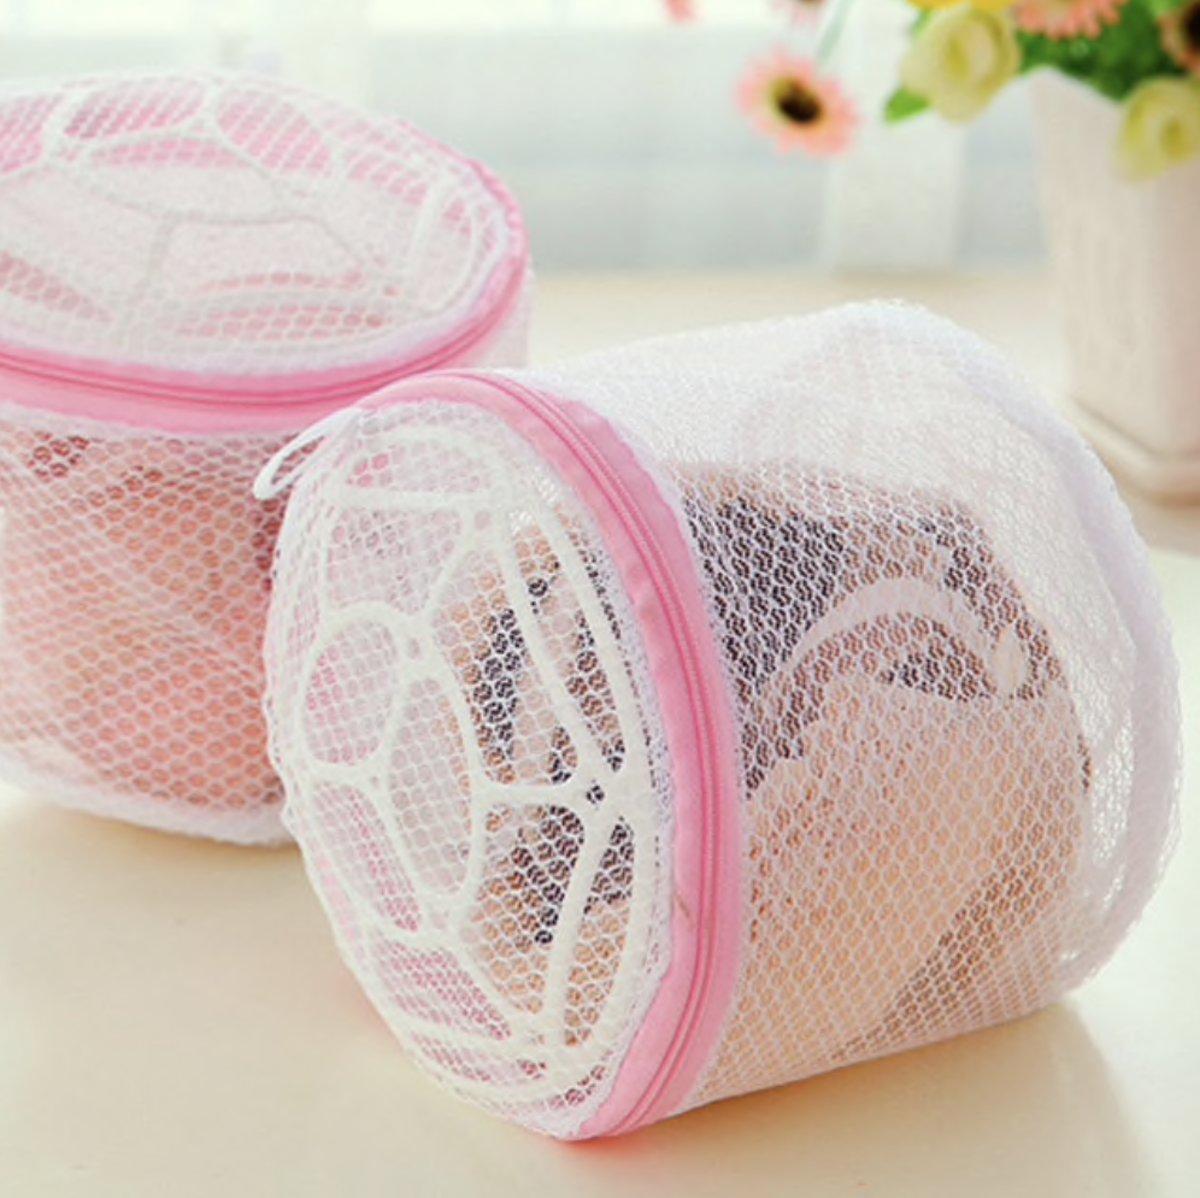 Wasnet met rits voor lingerie| wasmachine waszak kopen